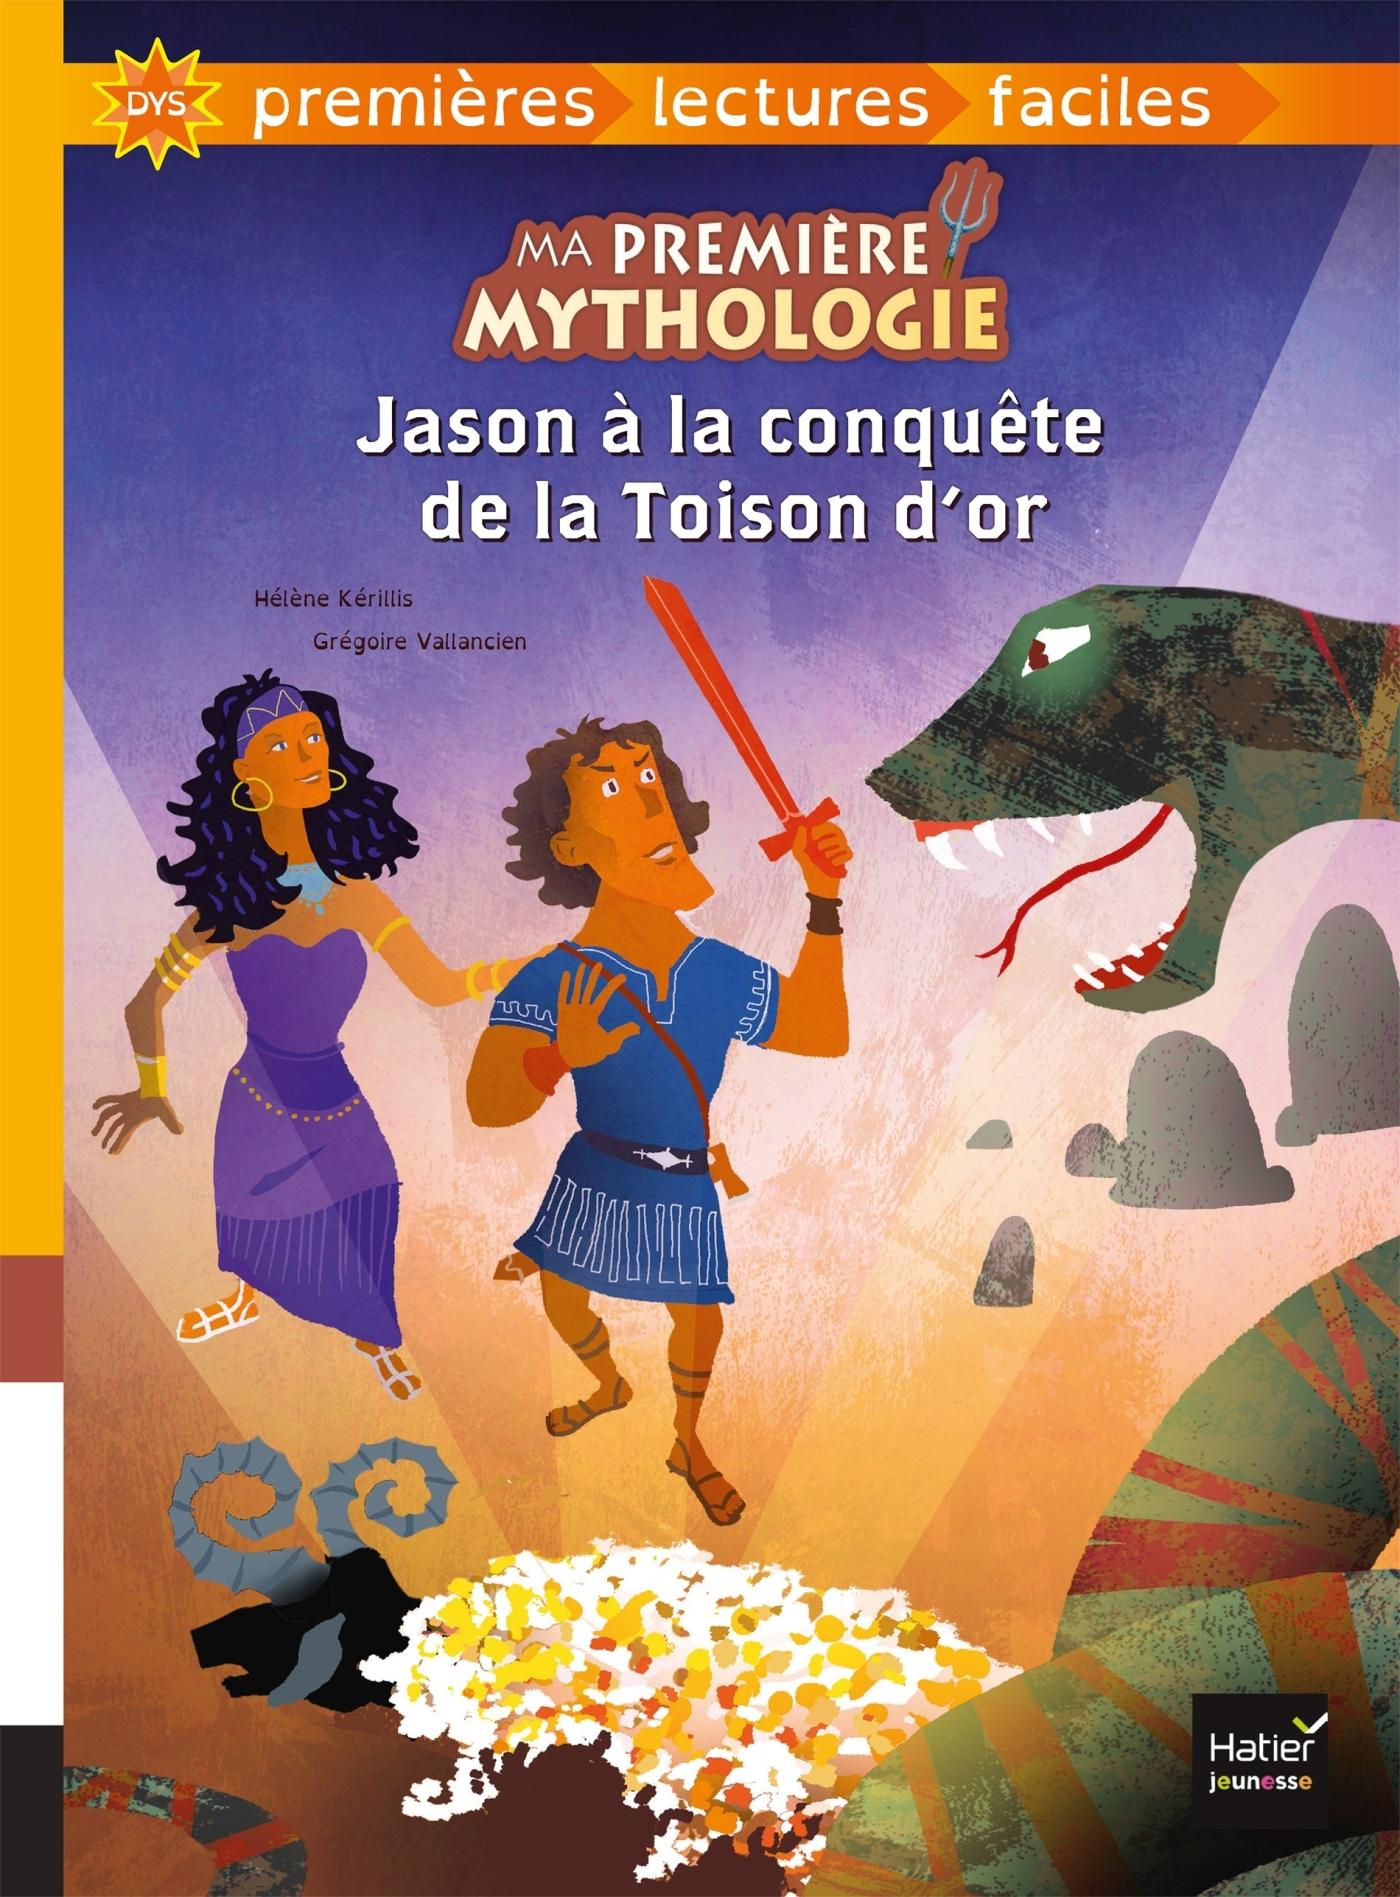 JASON A LA CONQUETE DE LA TOISON D'OR ADAPTE